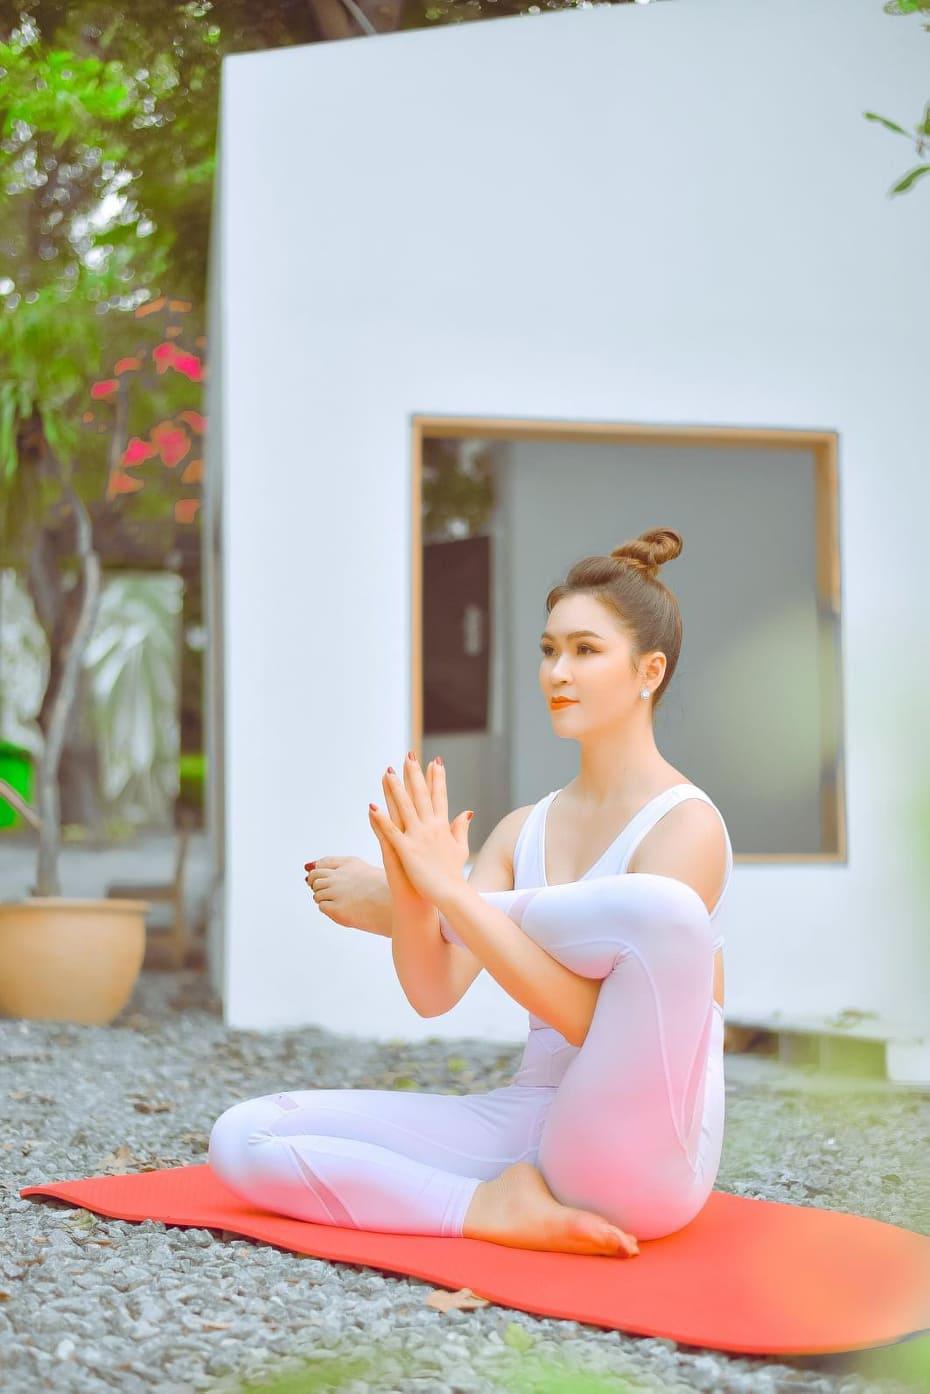 Bí mật nhan sắc vạn người mê của – Yogi Diễm Hương -Nữ hoàng trang sức Việt Nam